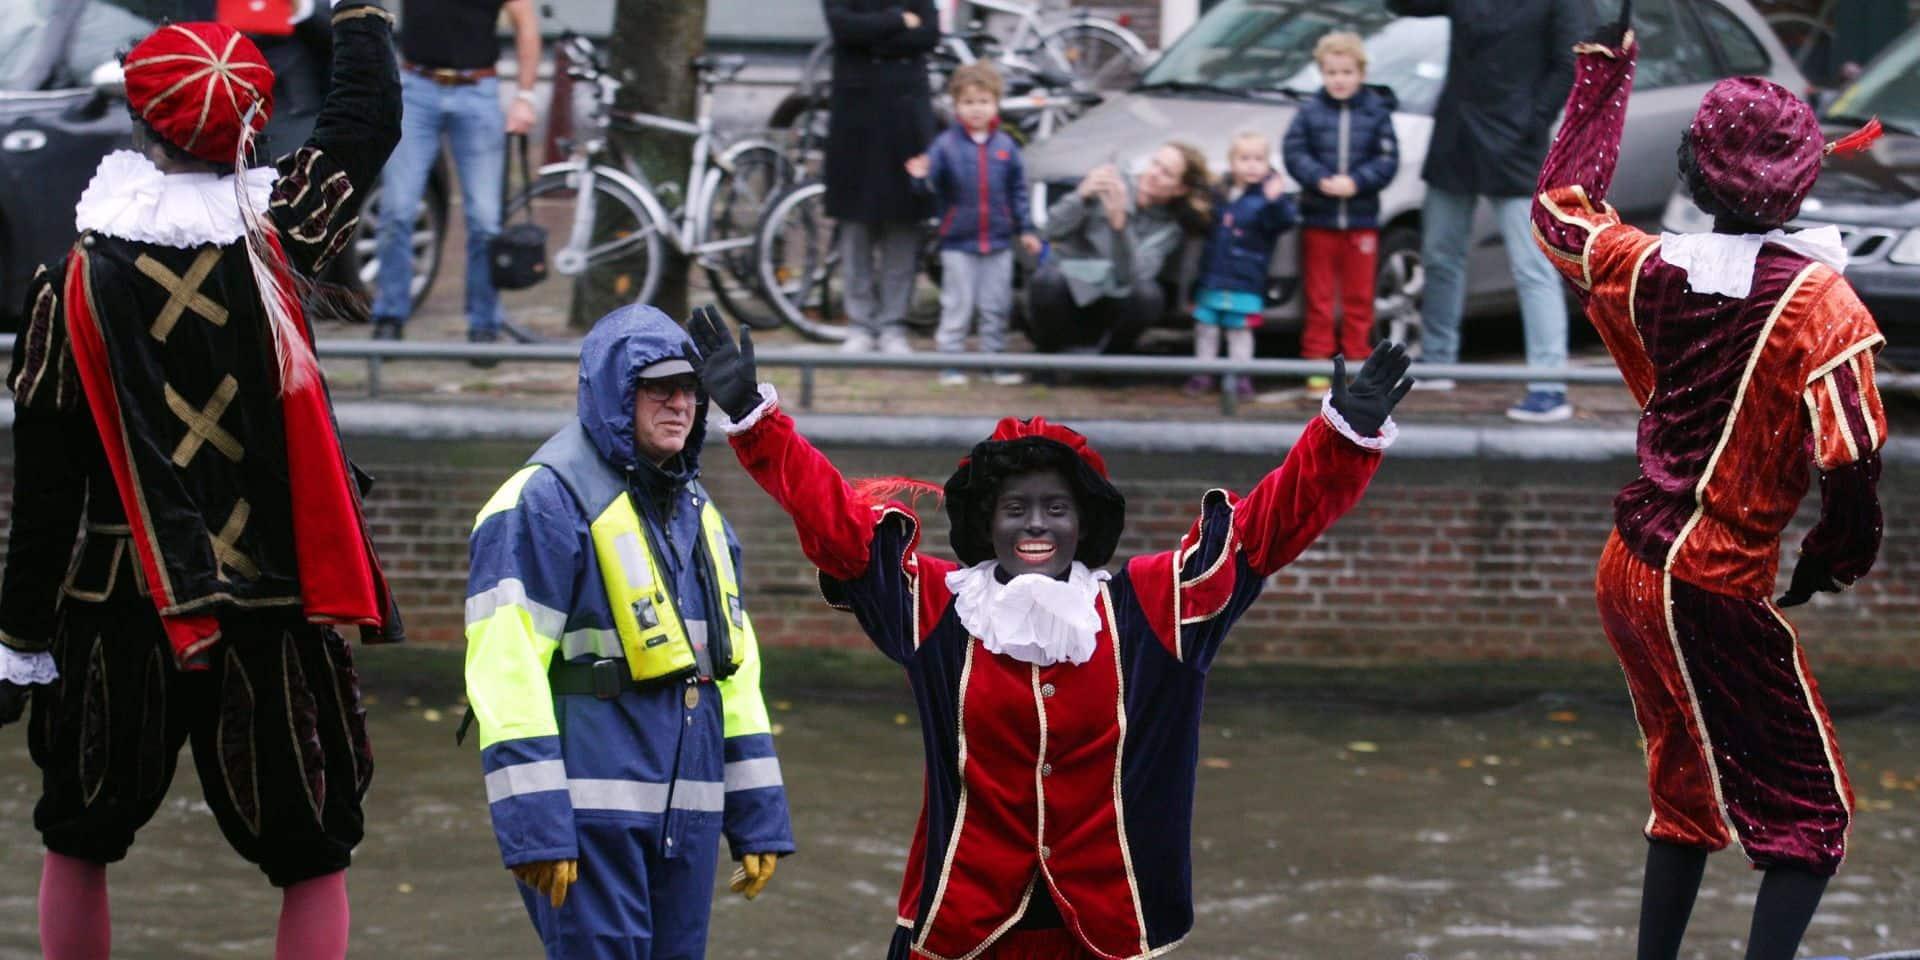 """Les Zwarte Piet au centre du débat aux Pays-Bas : """"C'est une tradition !"""""""